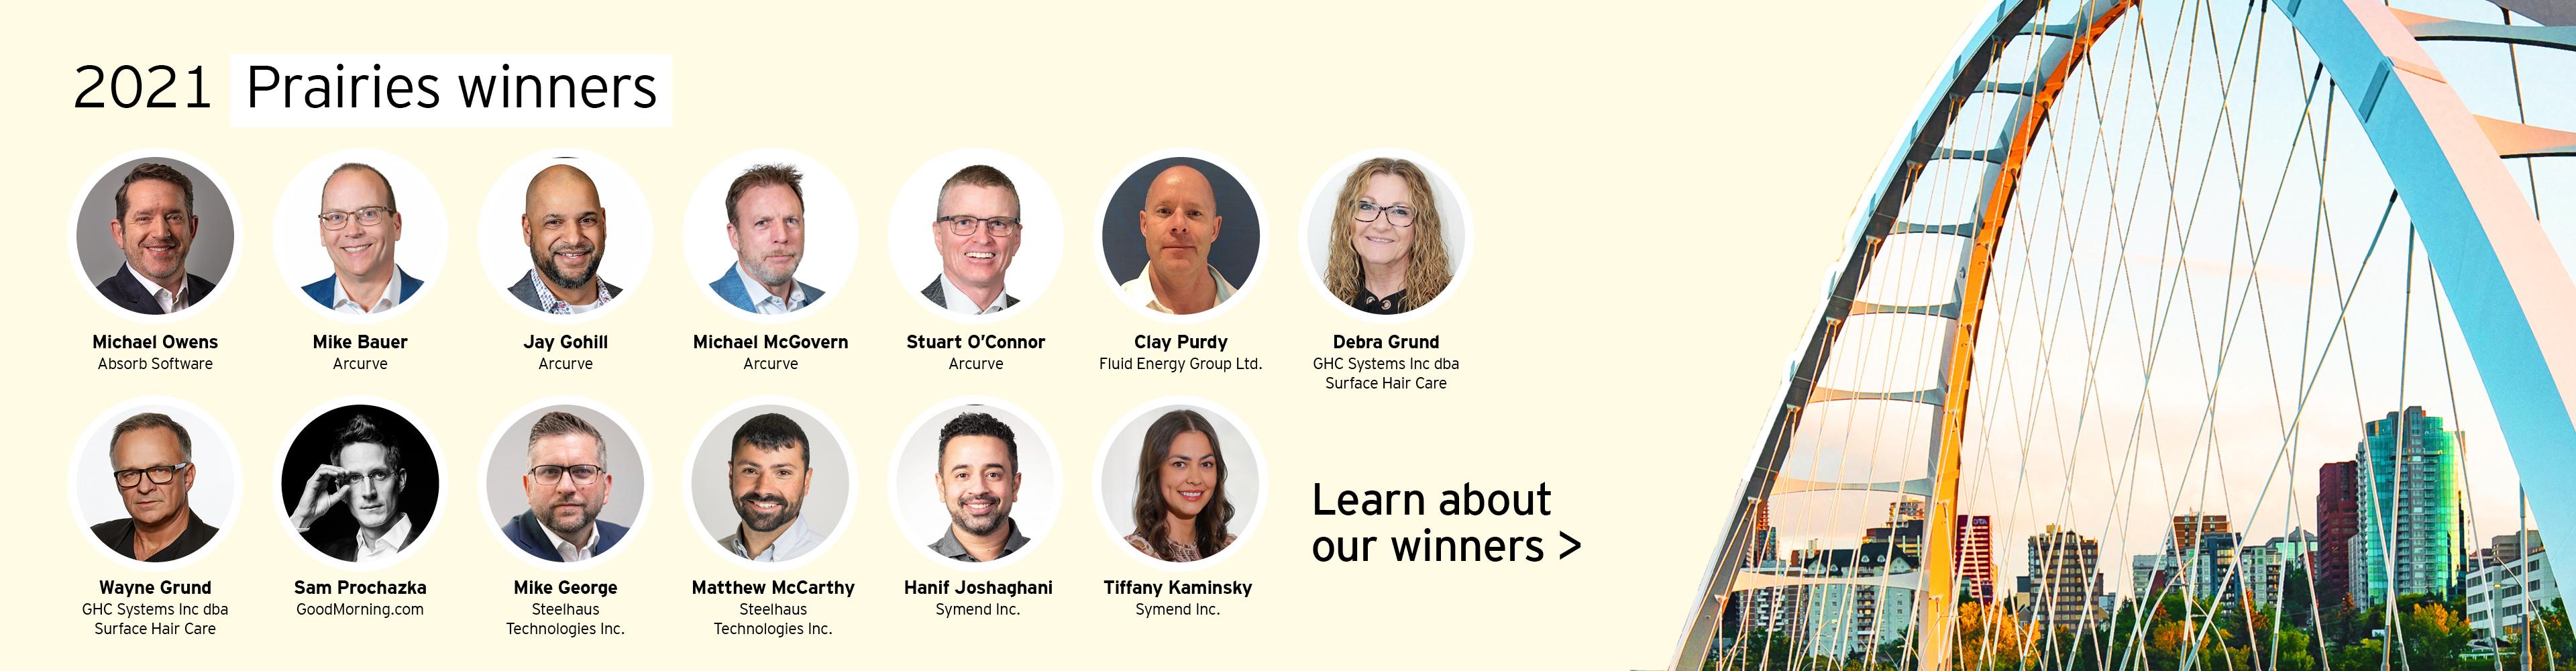 Meet our 2021 Prairies winners